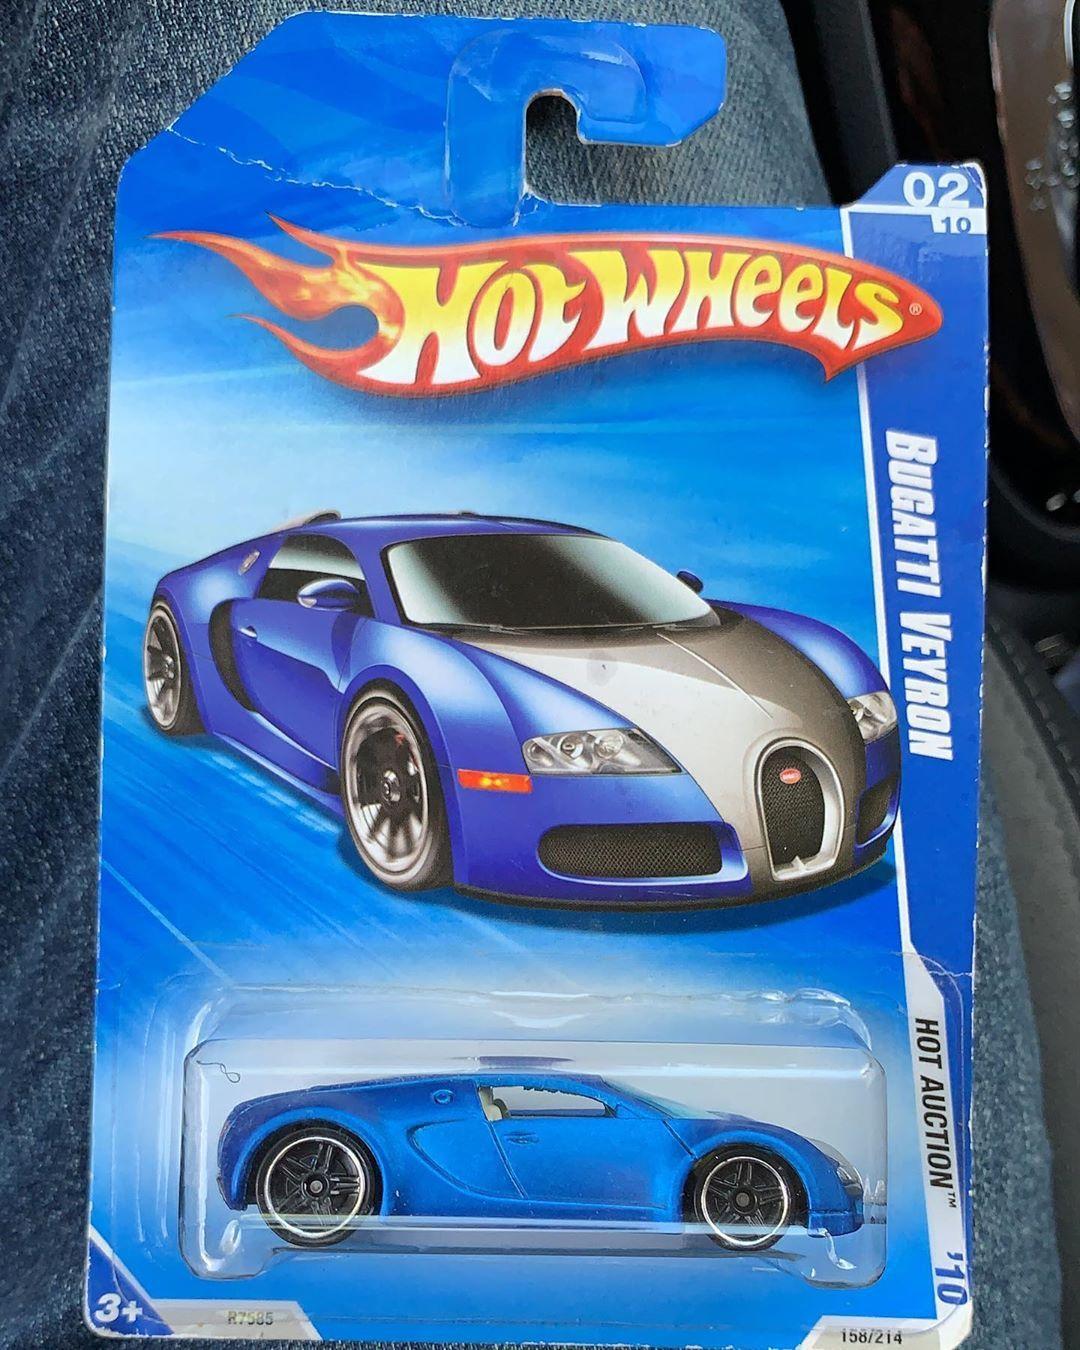 Bugatti Veyron Hotwheel Cars Supercars Hypercar Bugatti Buggativeyron Hwexotics Bugatti Chiron Coming Soon Bugatti Veyron Hot Wheels Bugatti